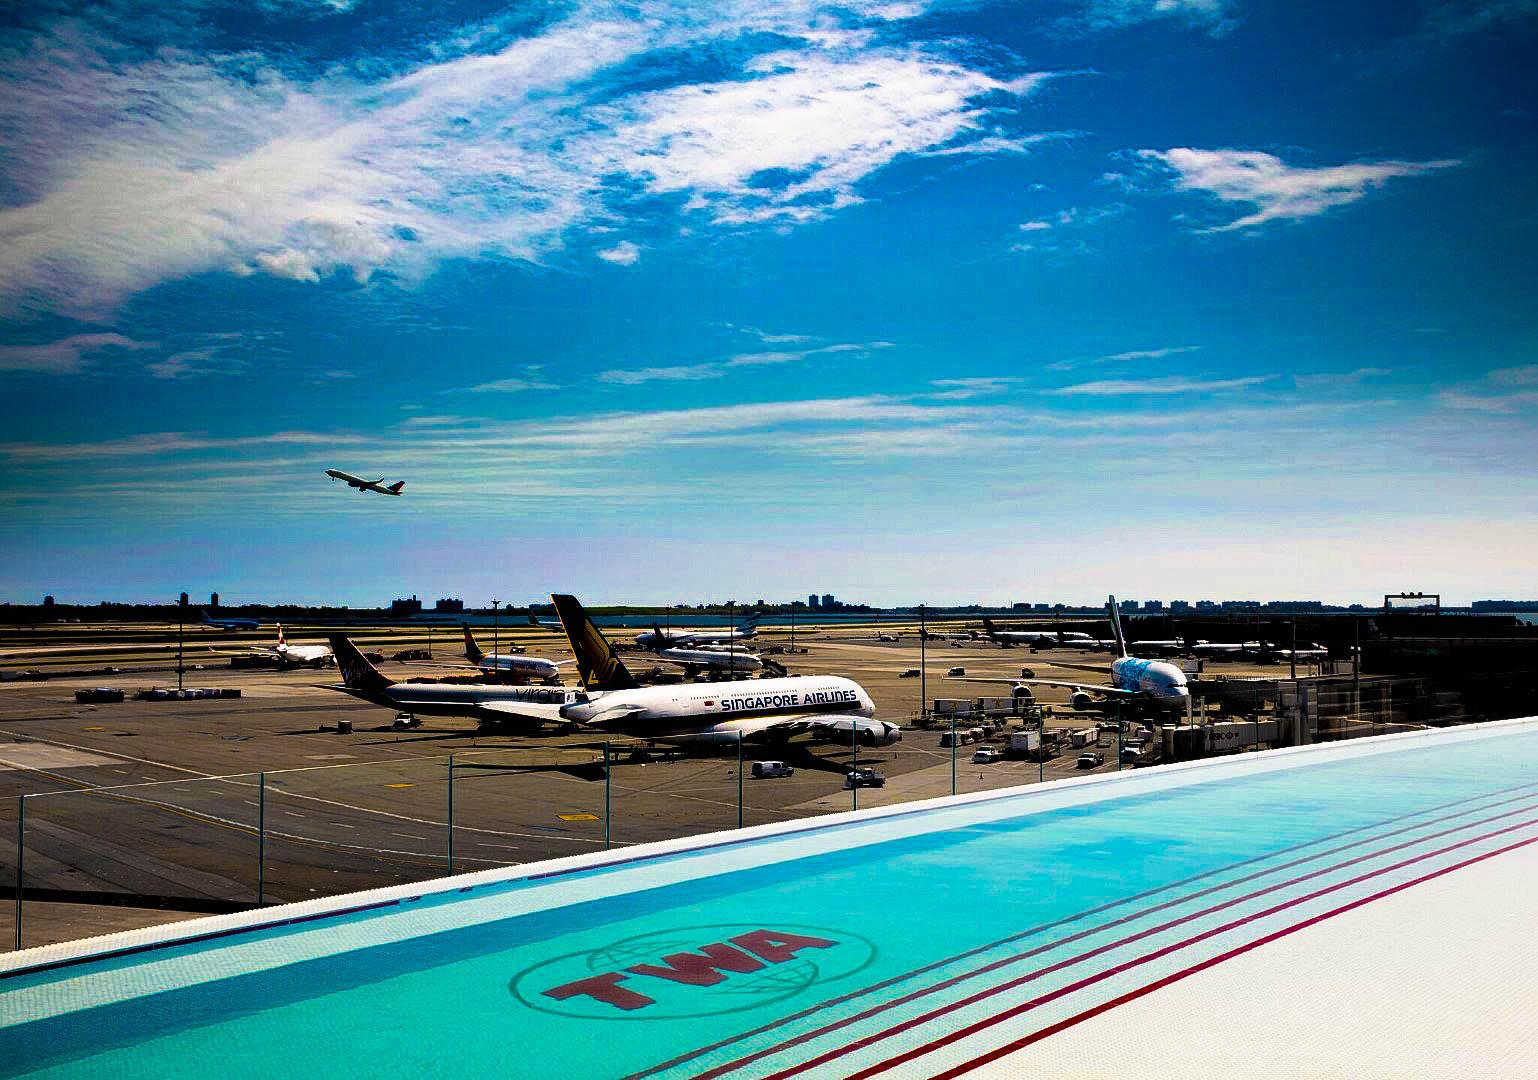 Il volo è in ritardo? Gli aeroporti più belli, anche per una sosta lieve